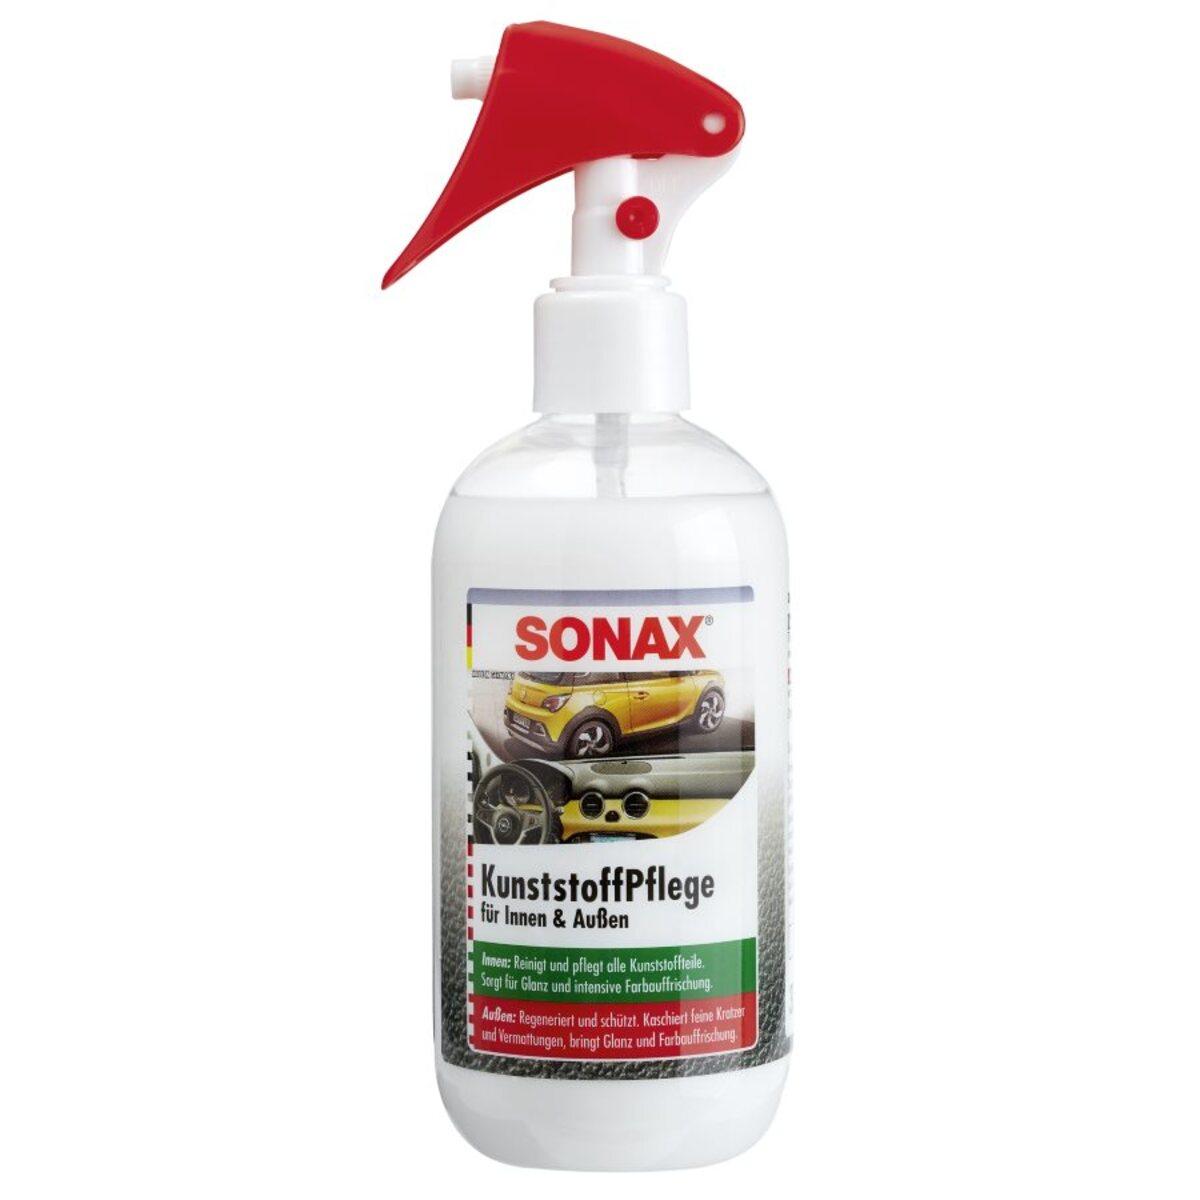 Bild 2 von SONAX 205141 KunststoffPflege Innen & Außen, 300 ml